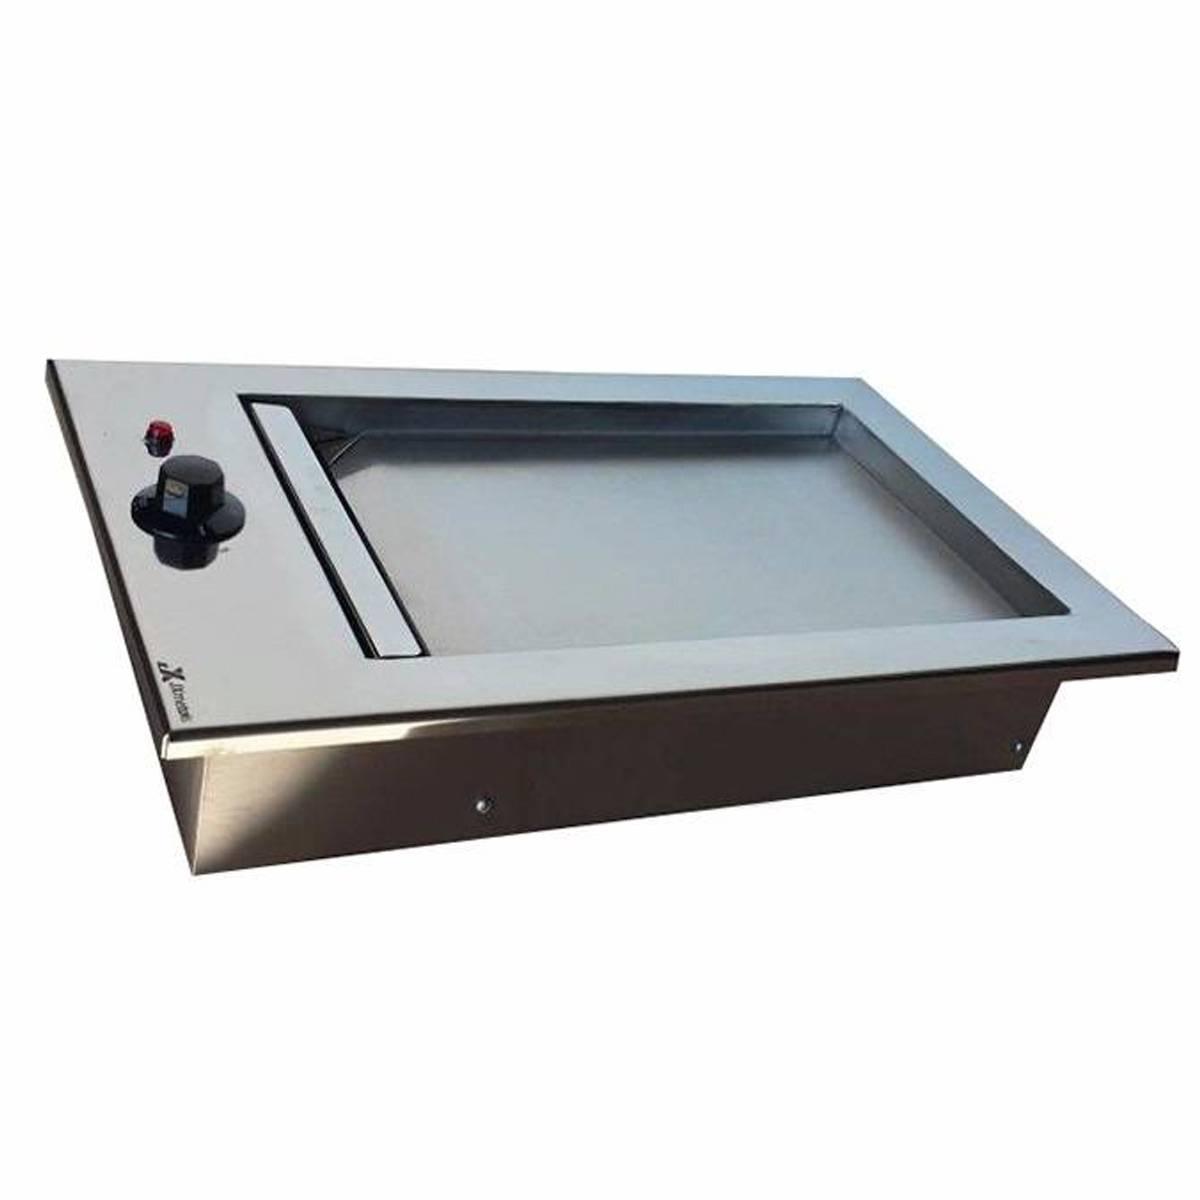 Chapa de Lanche Elétrica Gourmet Em Inox de Embutir JX Metais - 32x50   - Sua Casa Gourmet e Cia